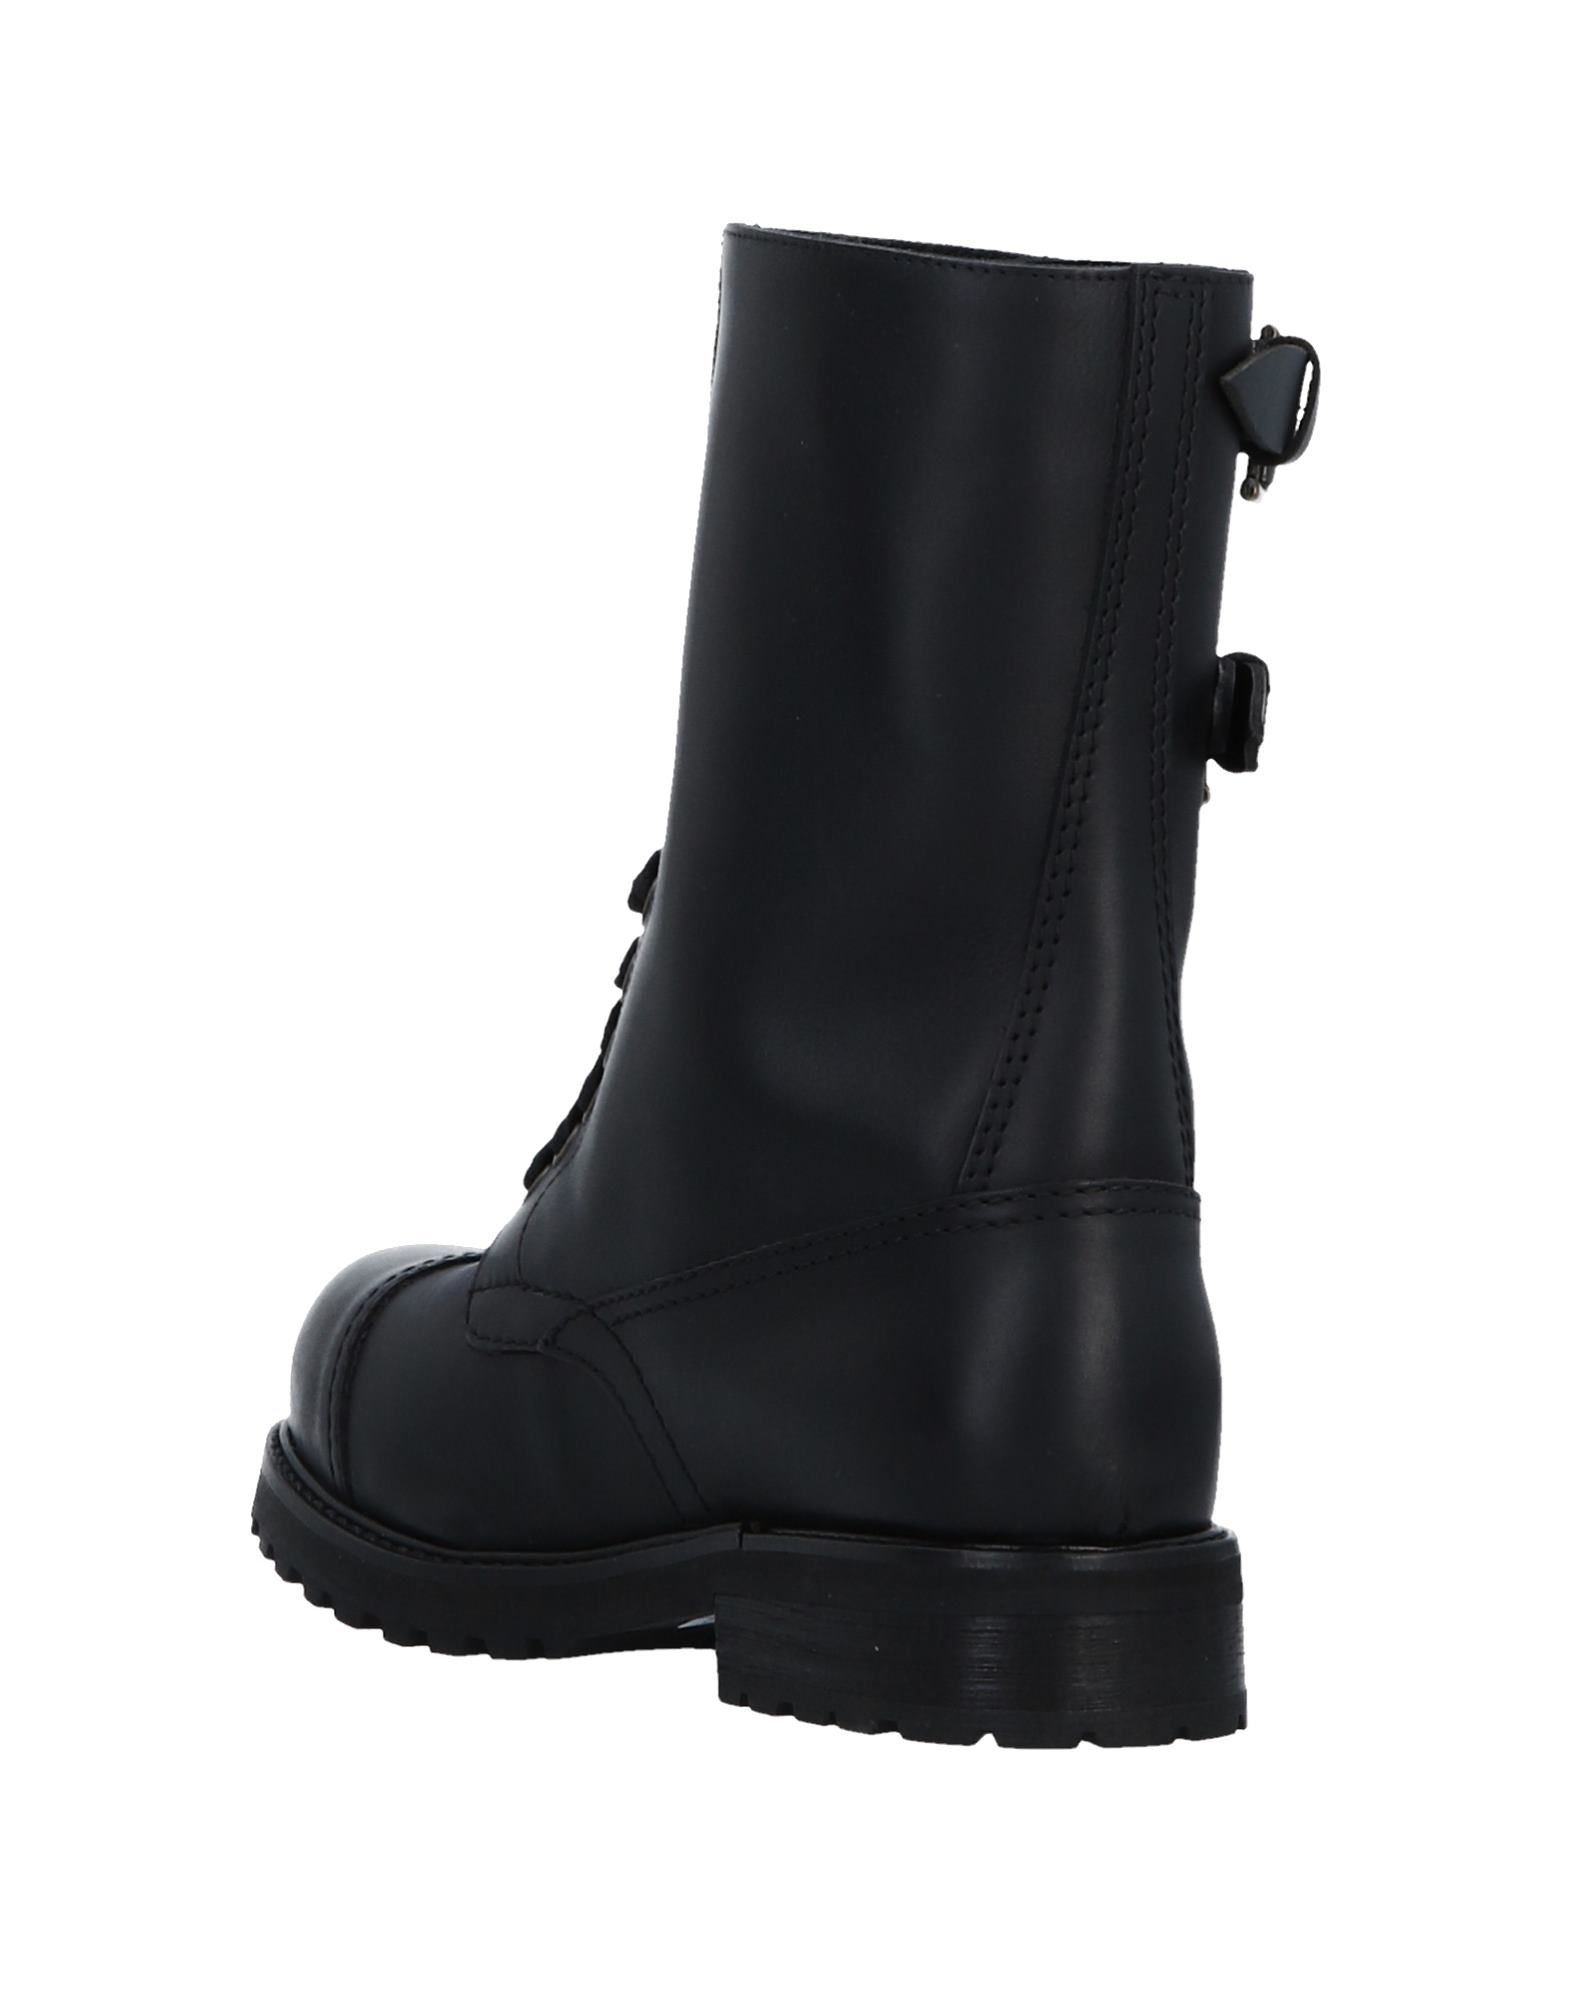 Stilvolle billige  Schuhe Semicouture Stiefelette Damen  billige 11519828DF 125ecd